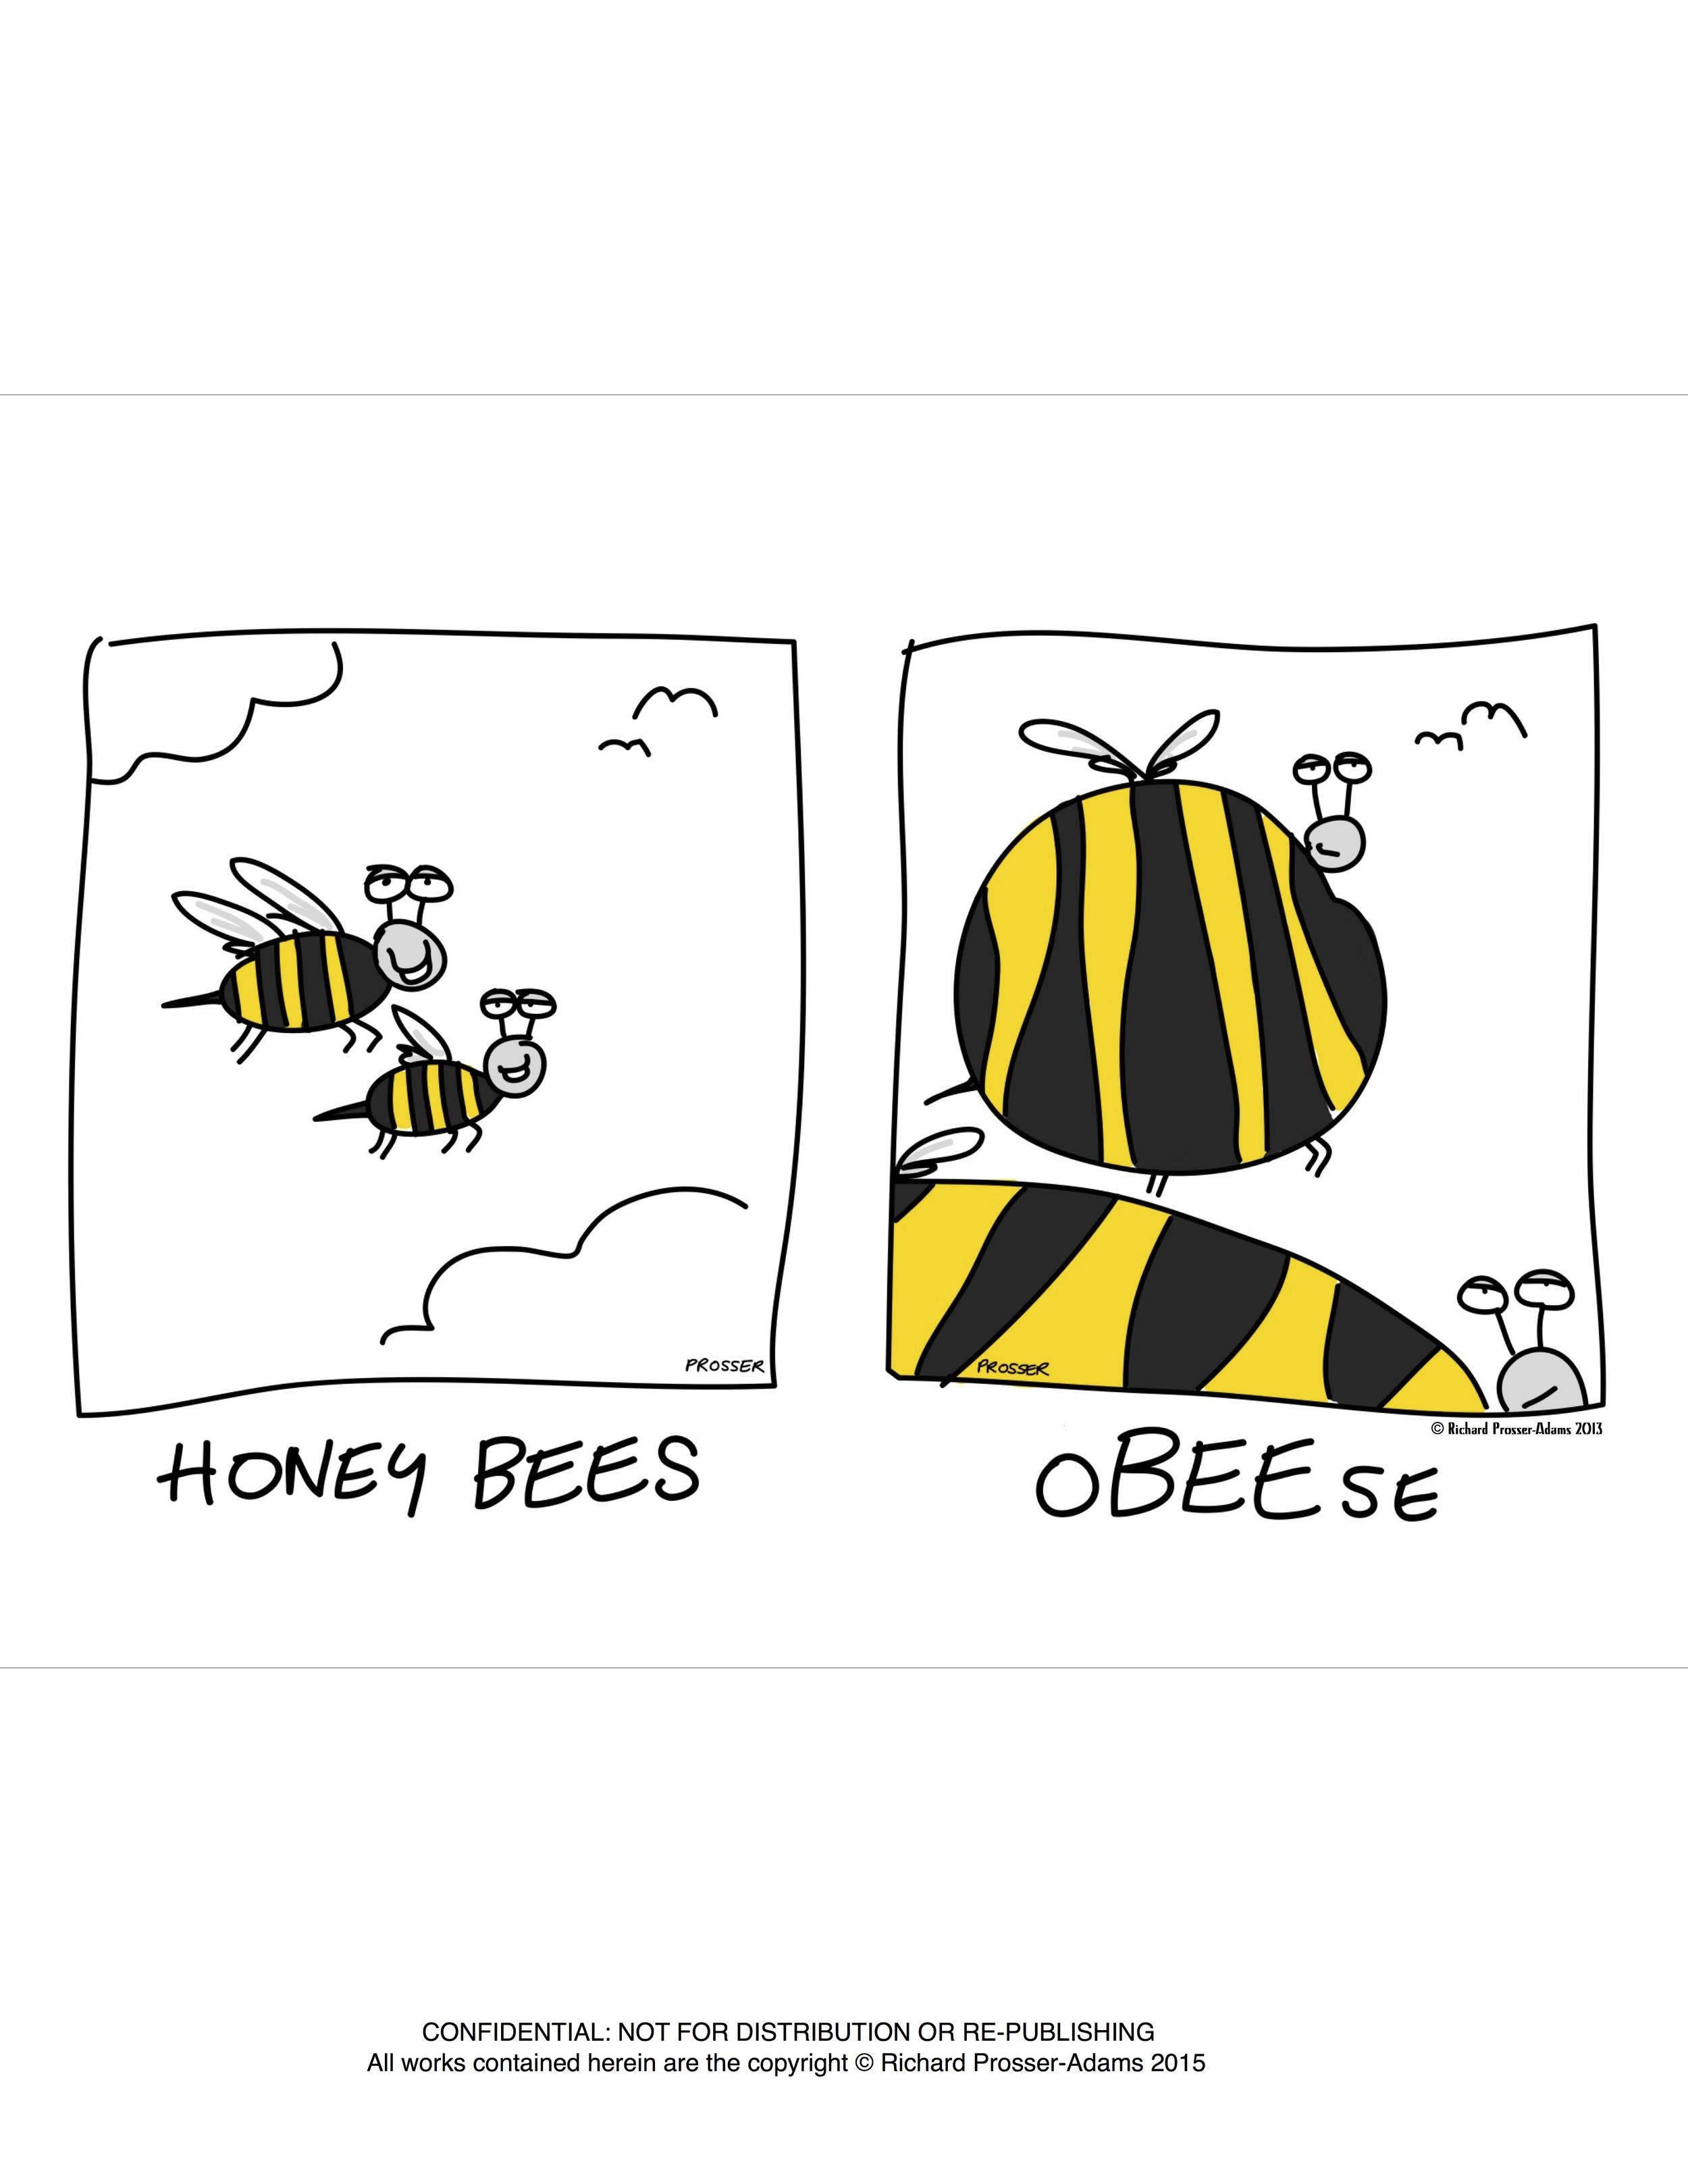 Obees.jpg